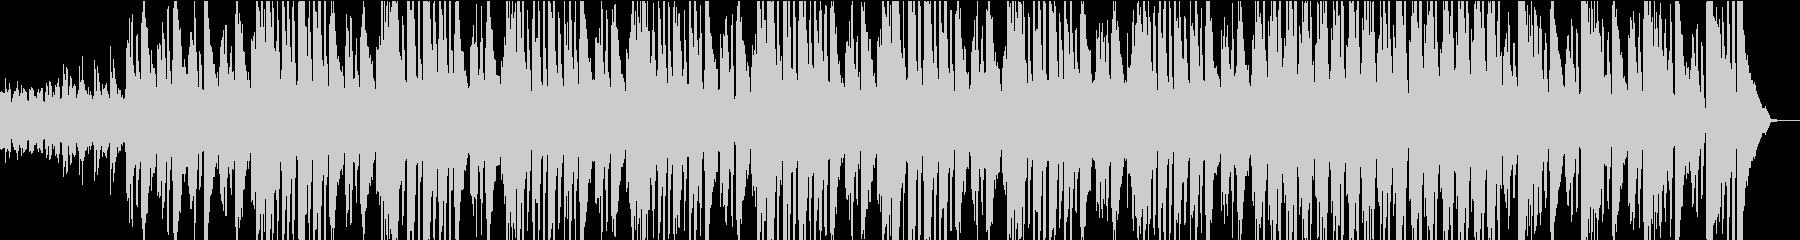 ハロウィン/怪しい/夜/ワルツ/ダークの未再生の波形